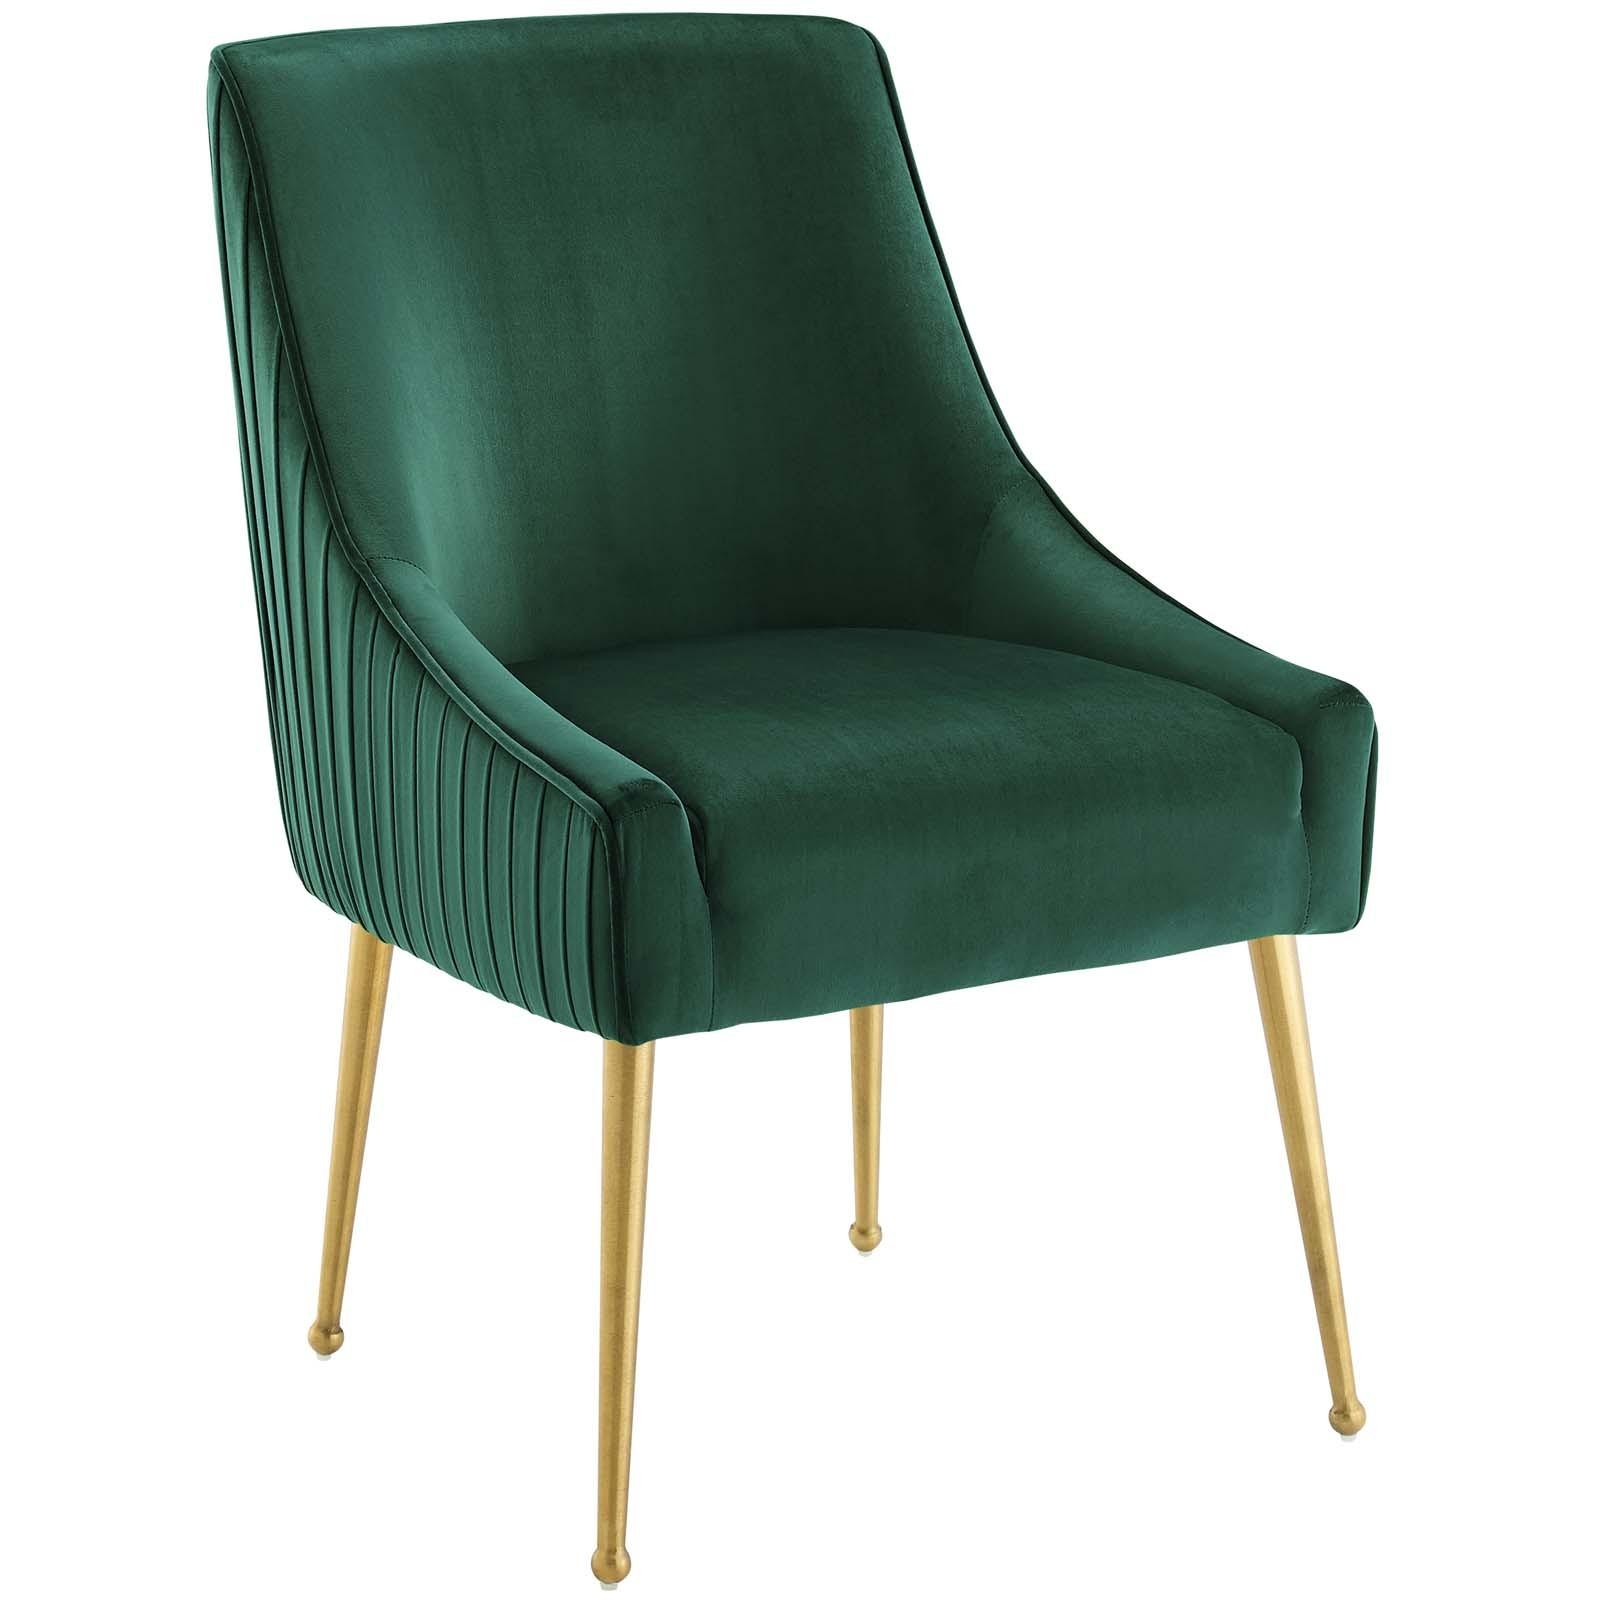 Discern Pleated Back Upholstered Performance Velvet Dining Chair